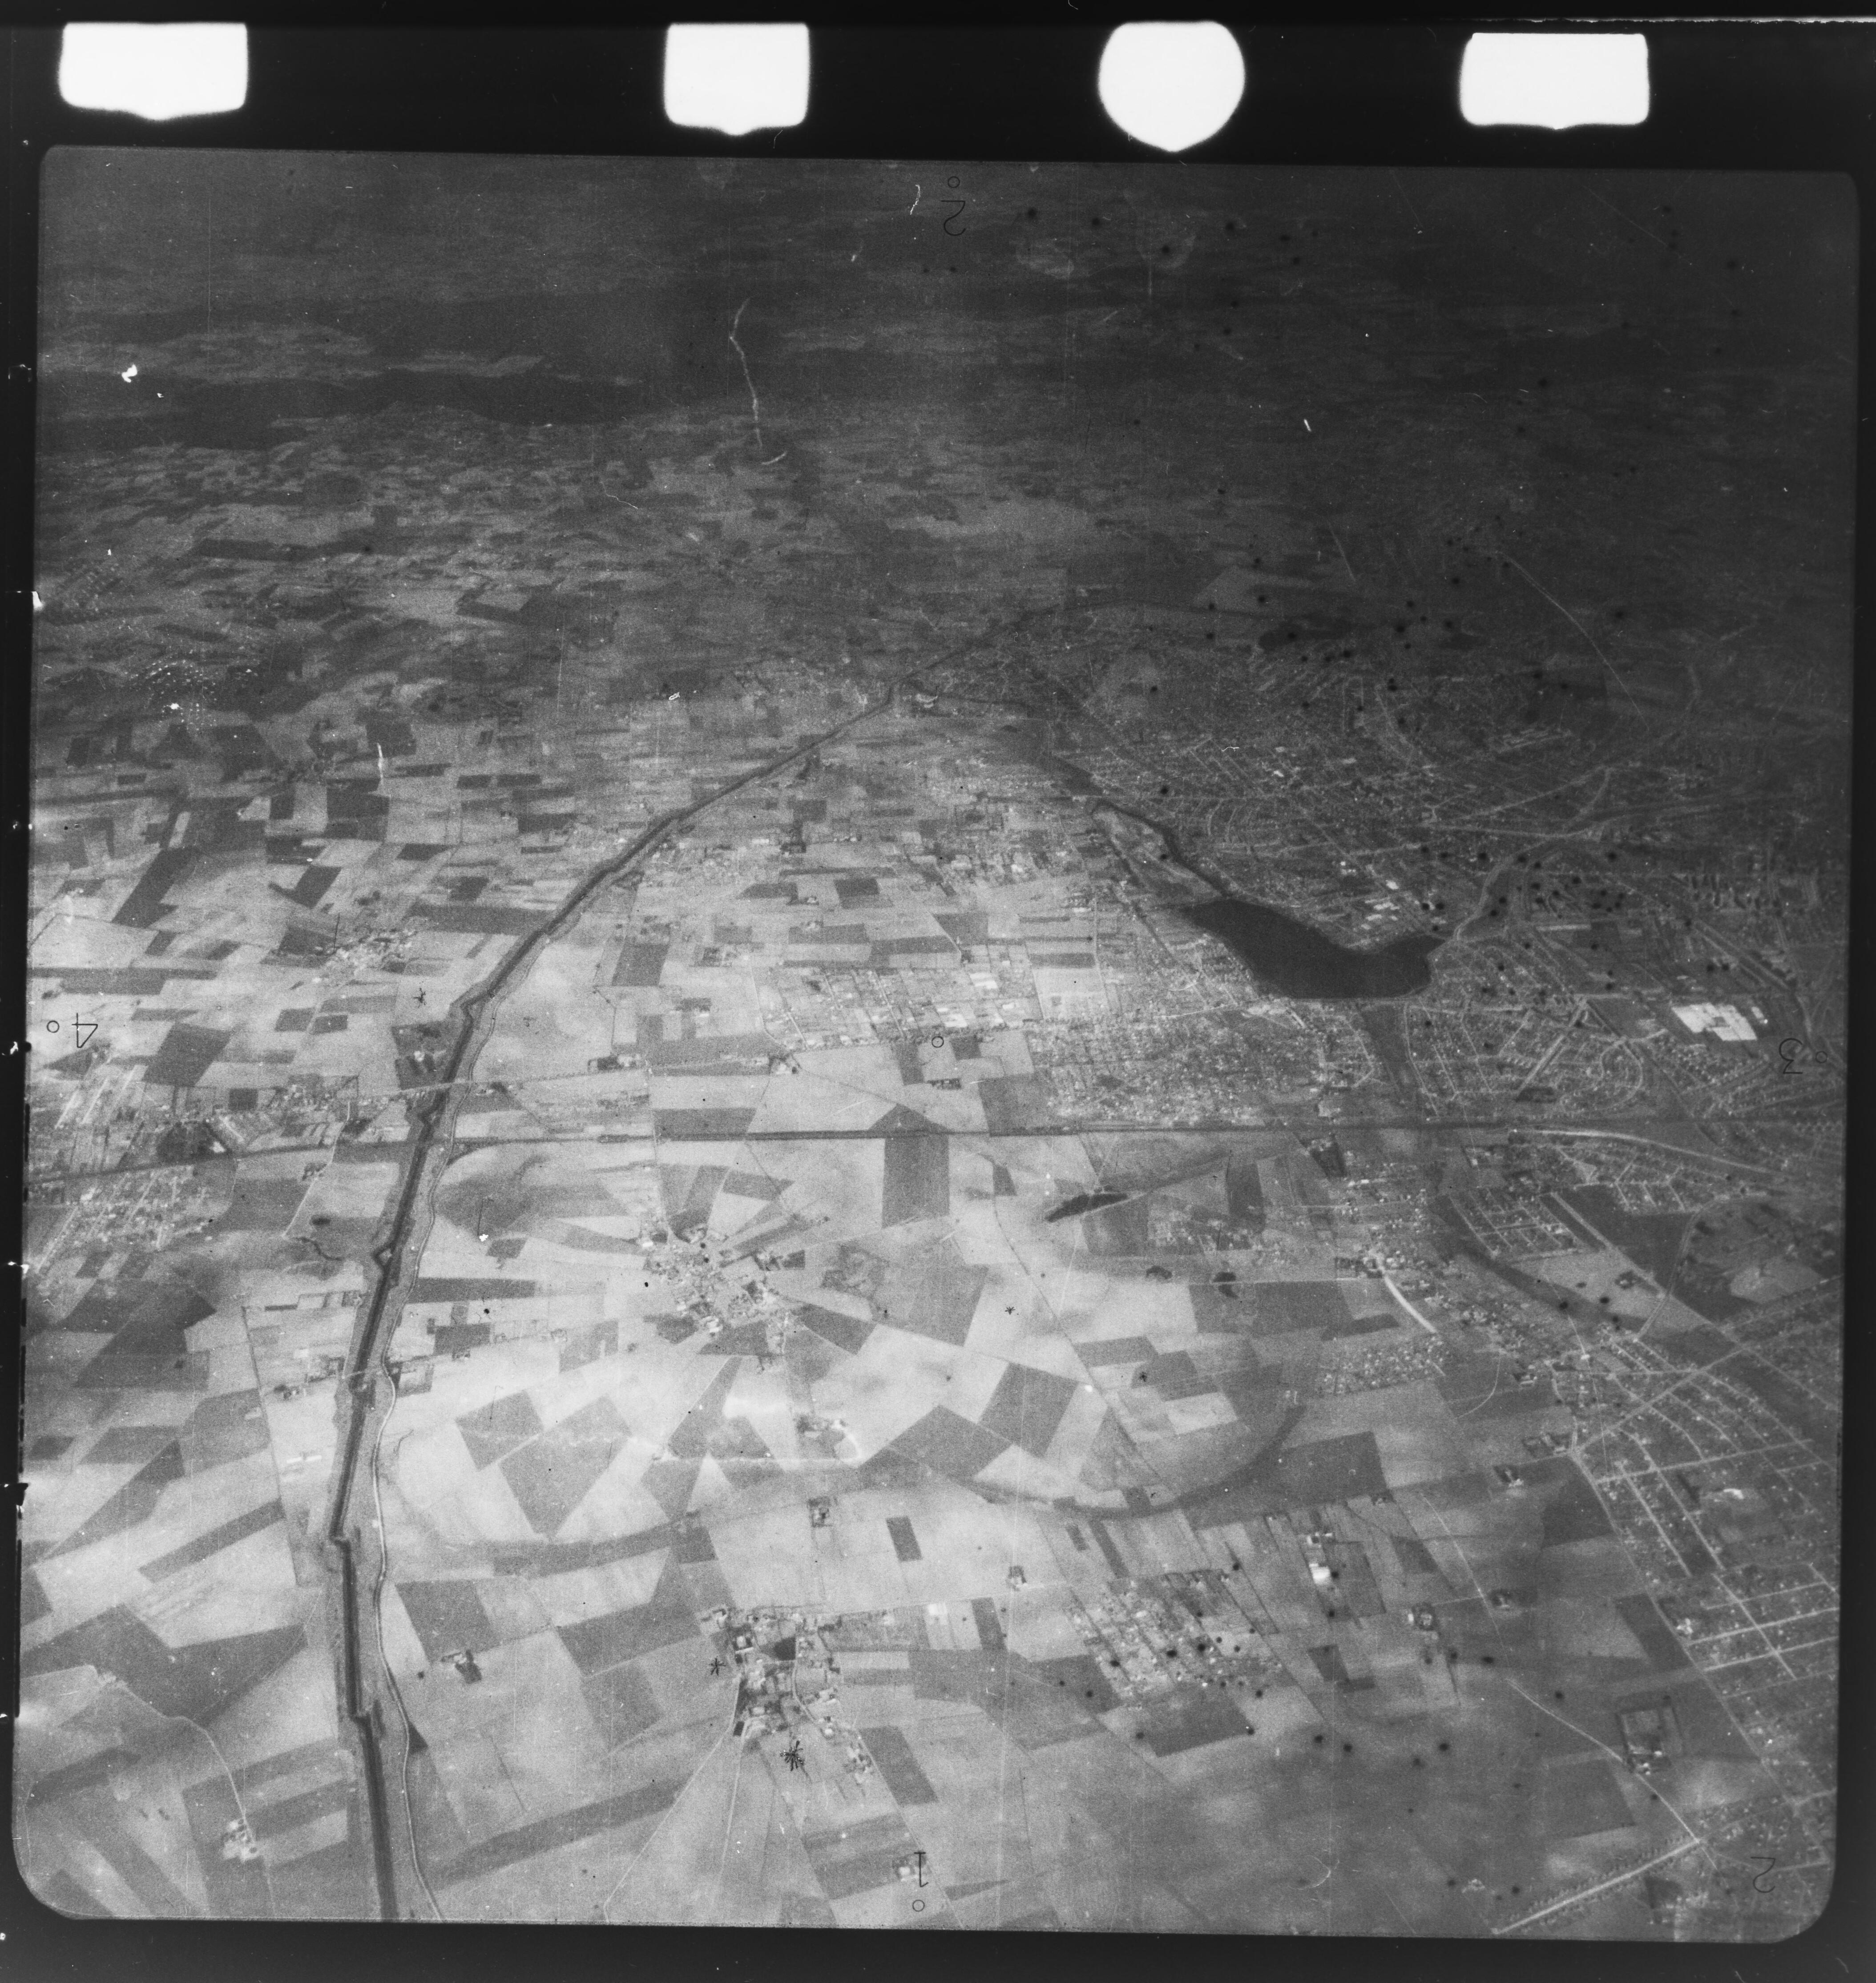 Skråfoto fra 1922-1939 taget 117 meter fra Hf. Dahlia 39